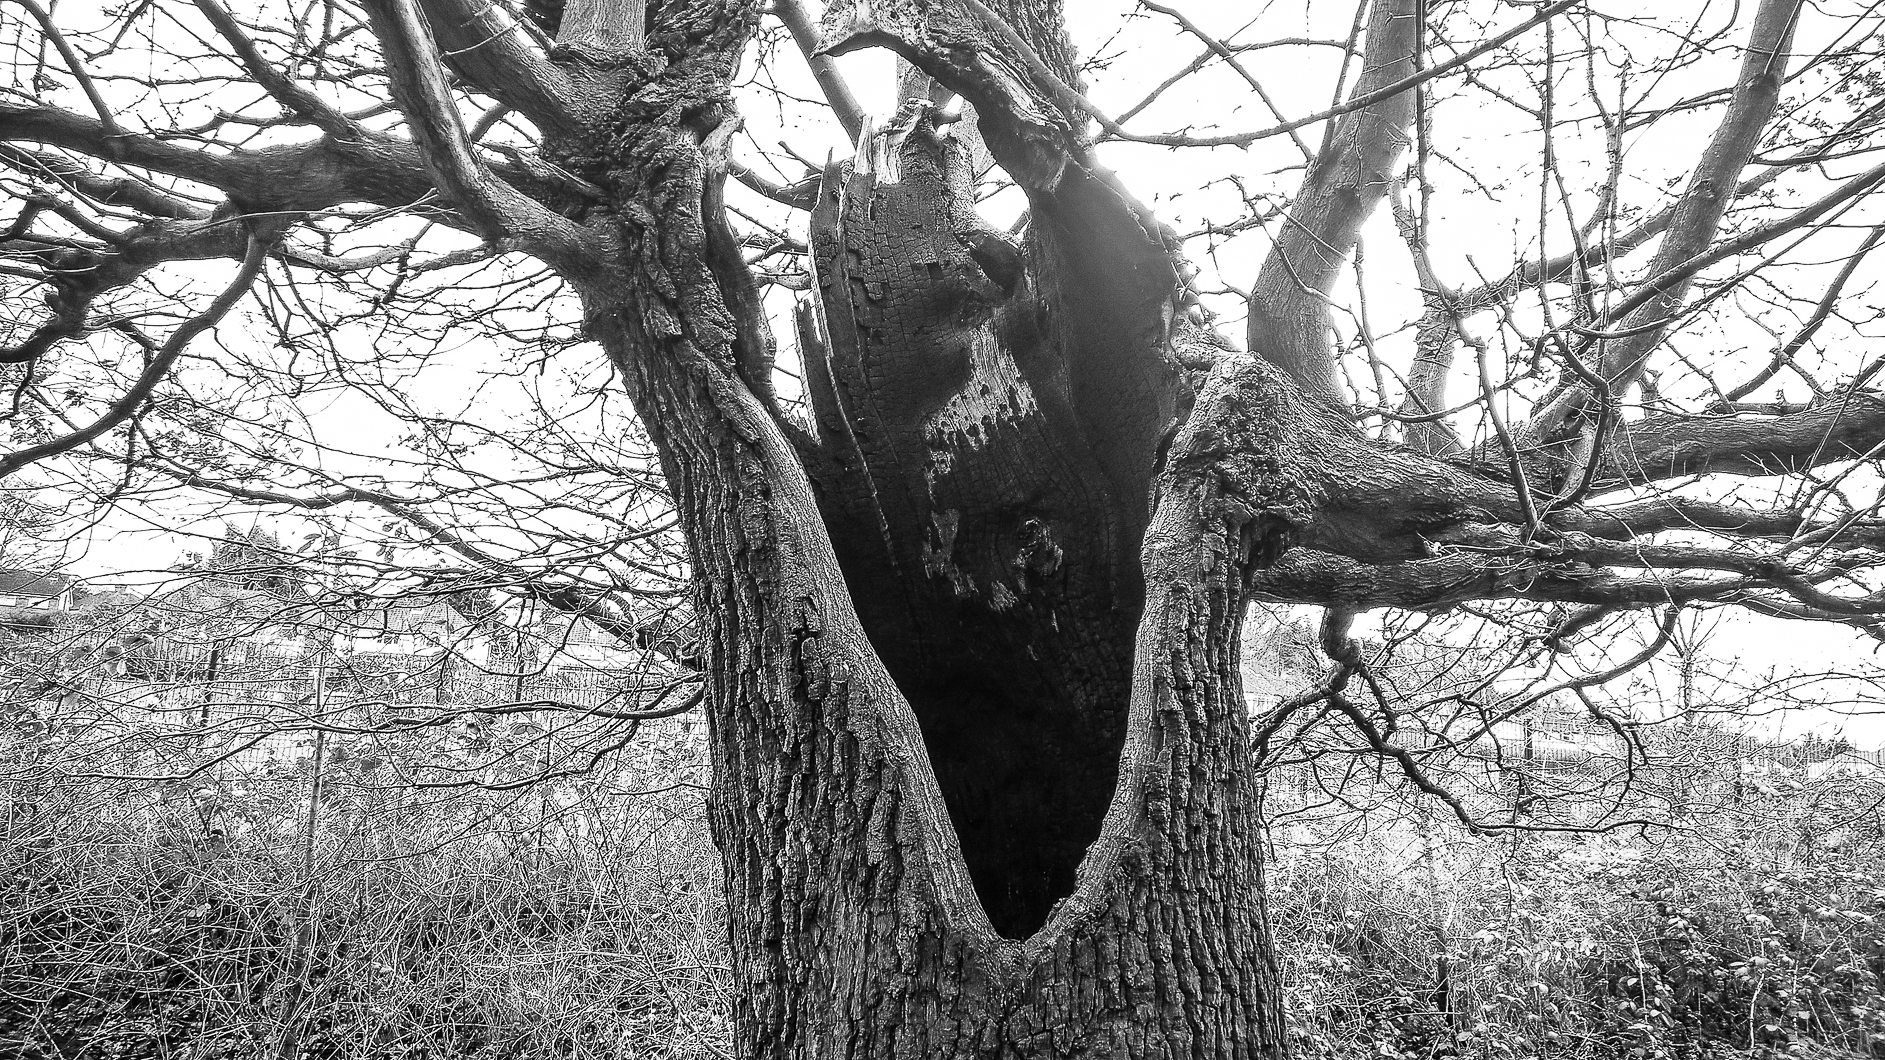 Bexley oaks - March 2017 djg-4